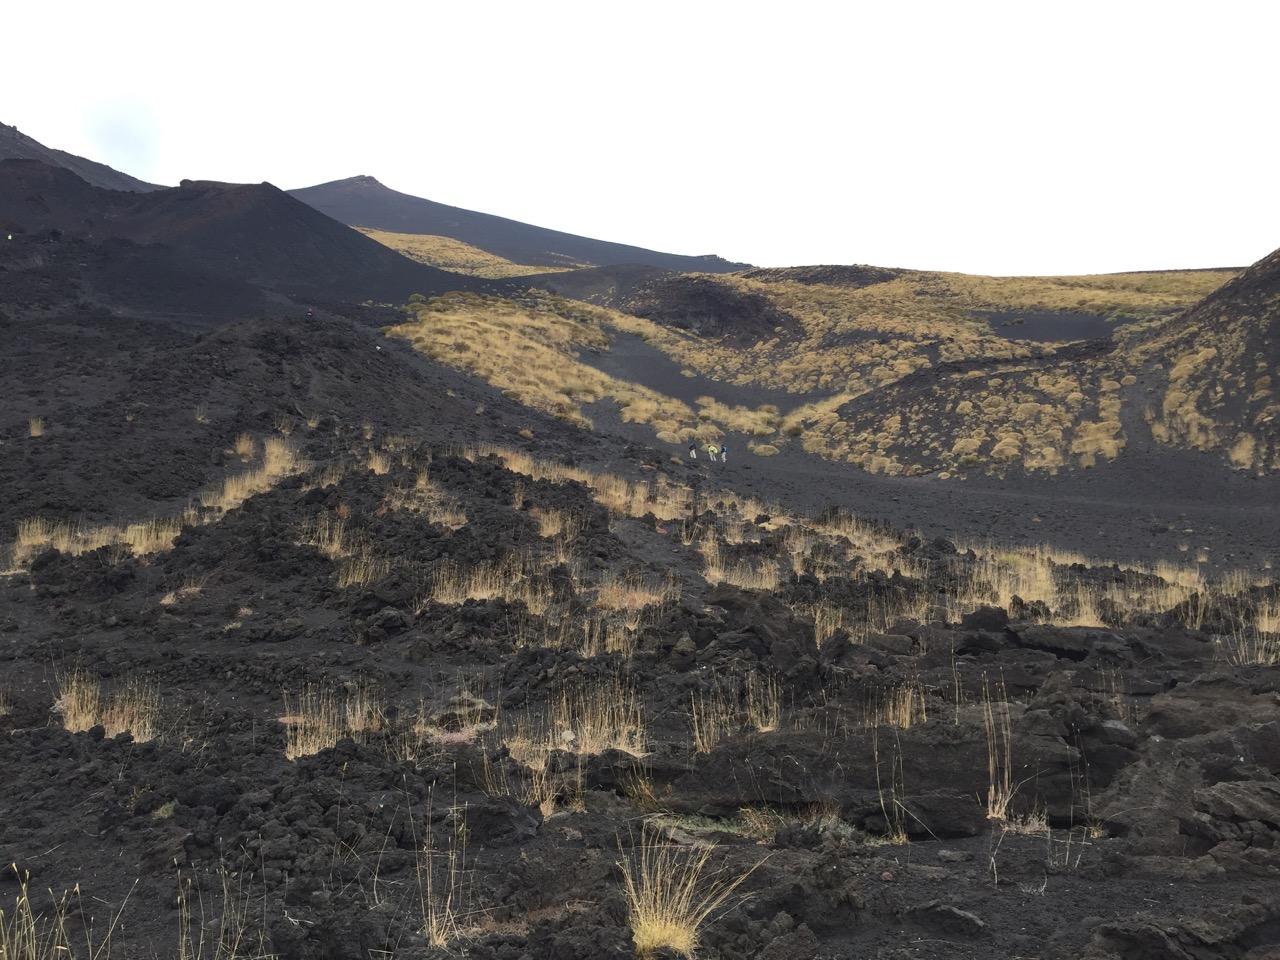 62 etna vegetation 1